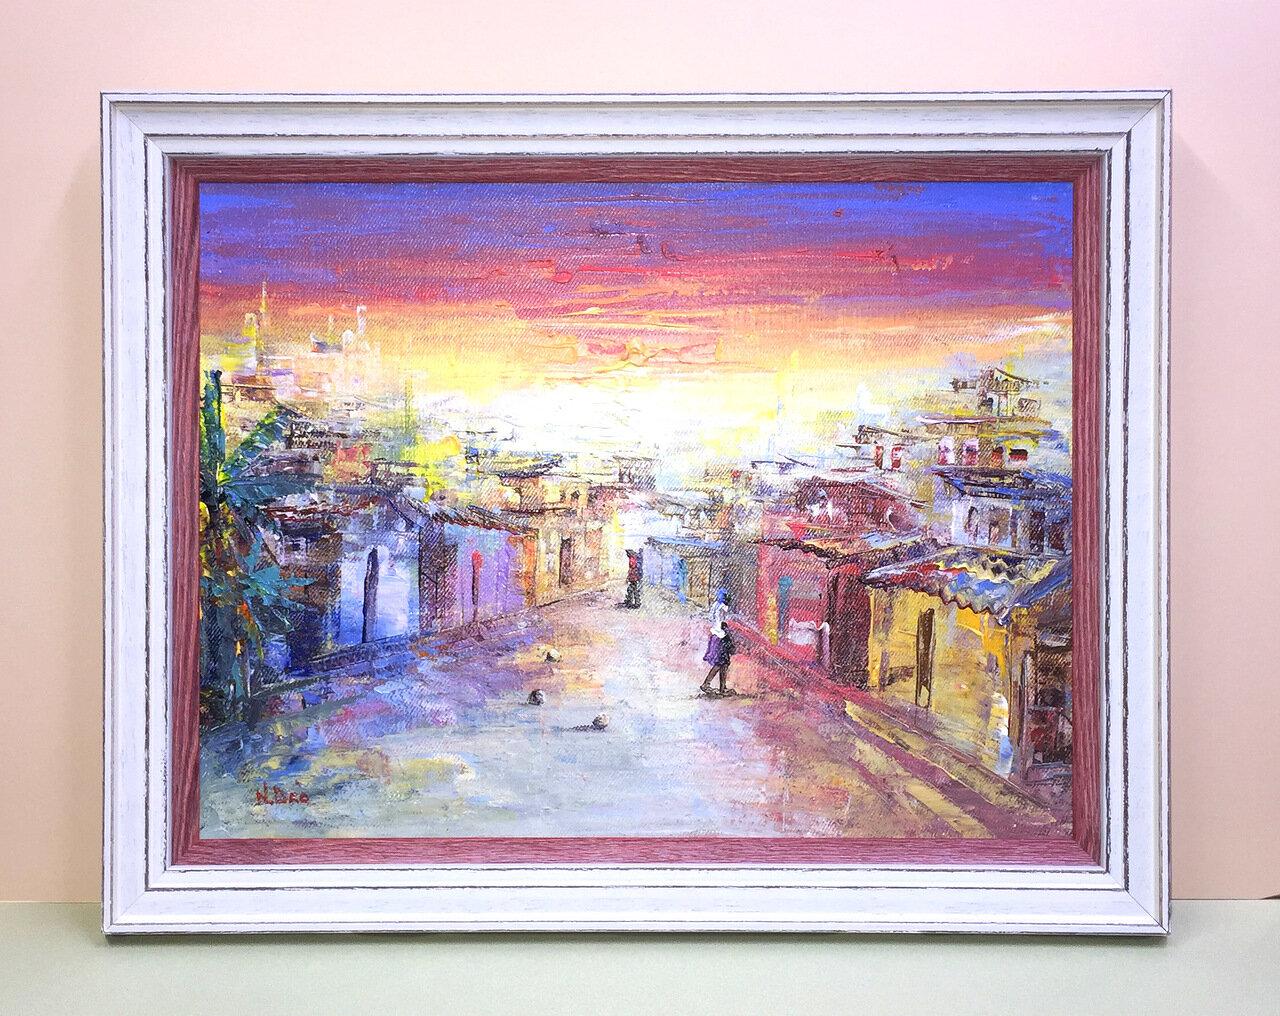 Двойной деревянный багет для картины «Городской пейзаж»